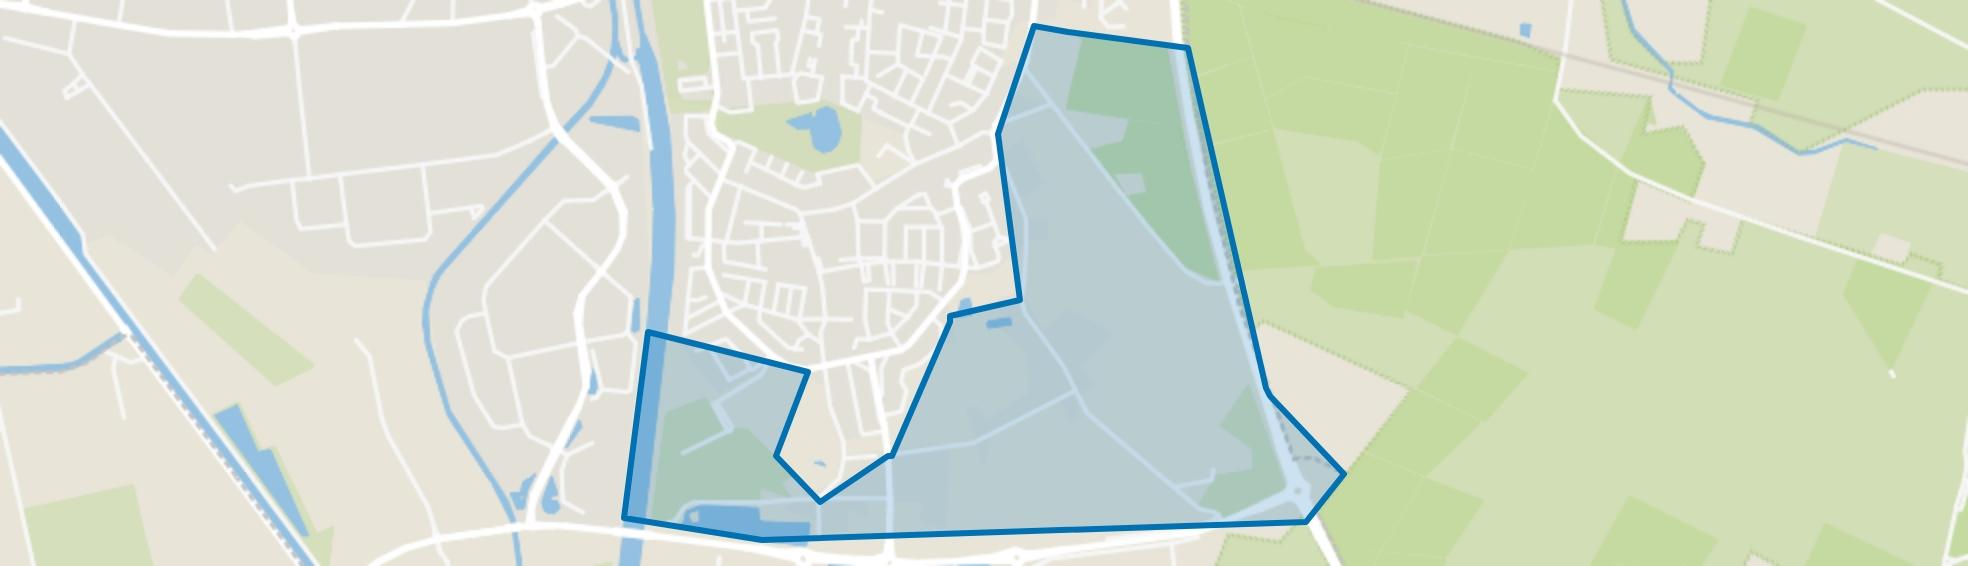 Kloostereind, Helmond map